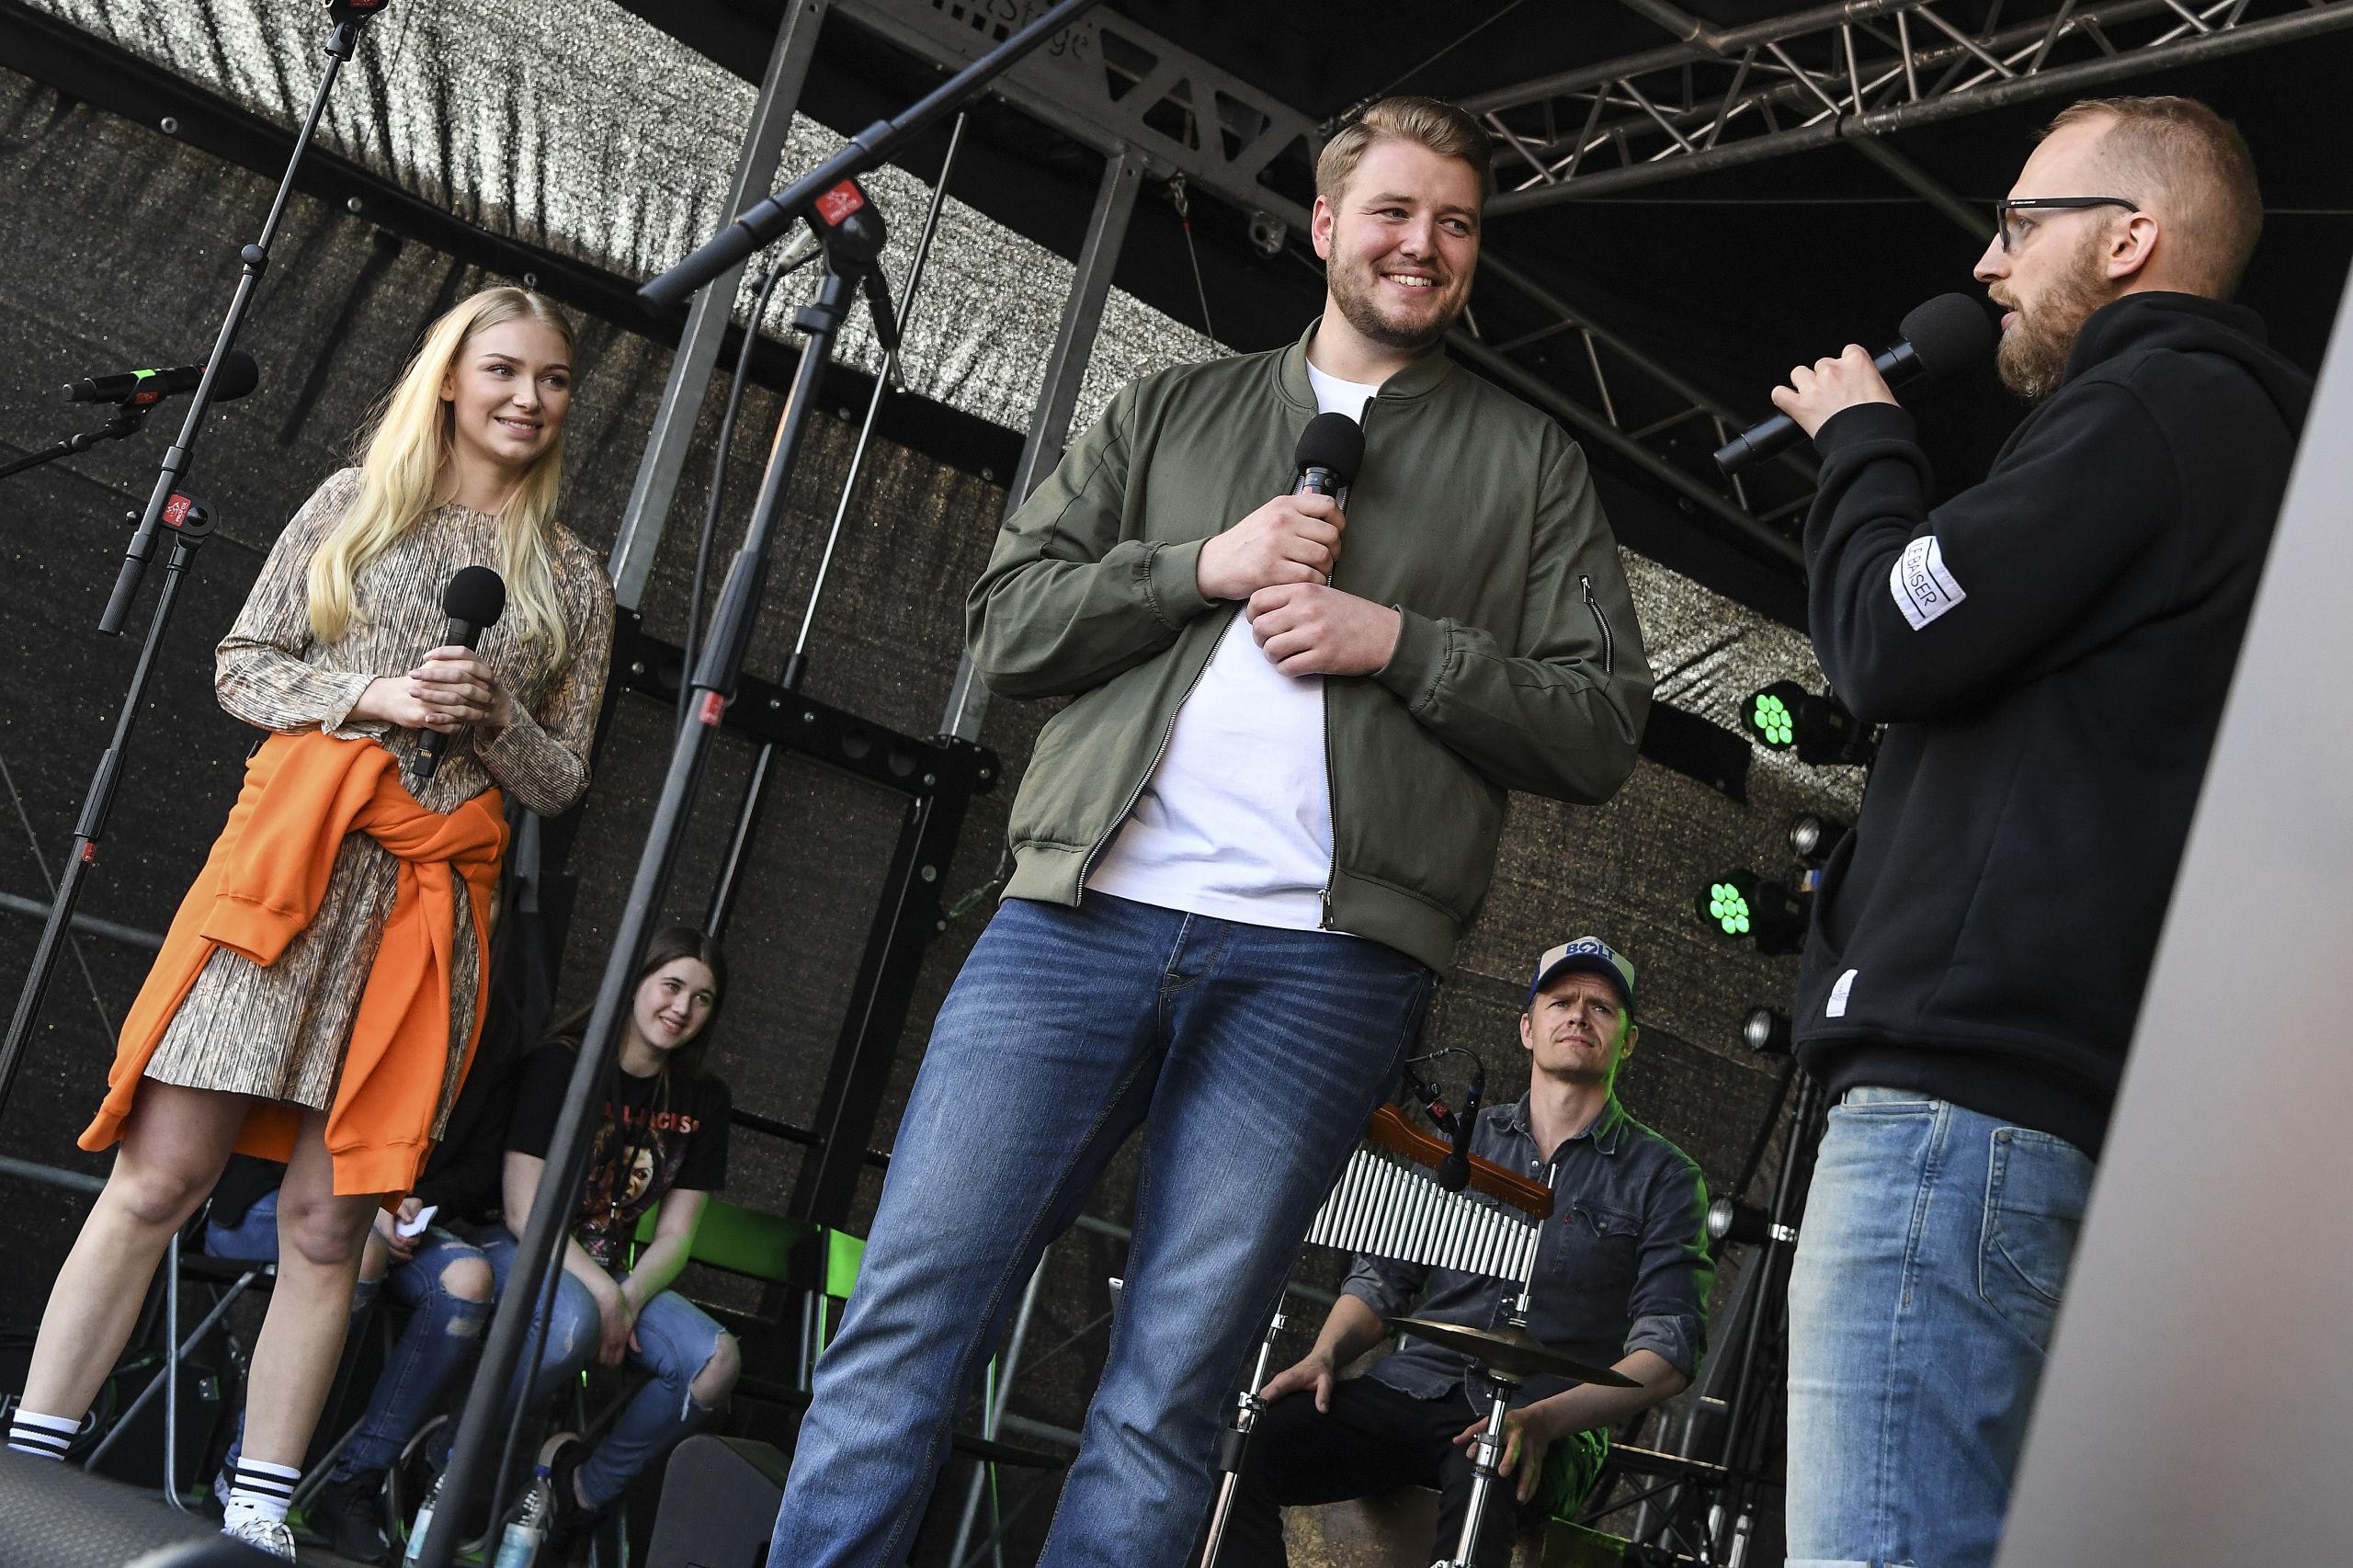 Her ses et billede fra sidste års koncert, hvor Morgenkøterne Kirstine Richter og Johnni Gade interviewer Rasmus på scenen. Arkivfoto: Bent Bach